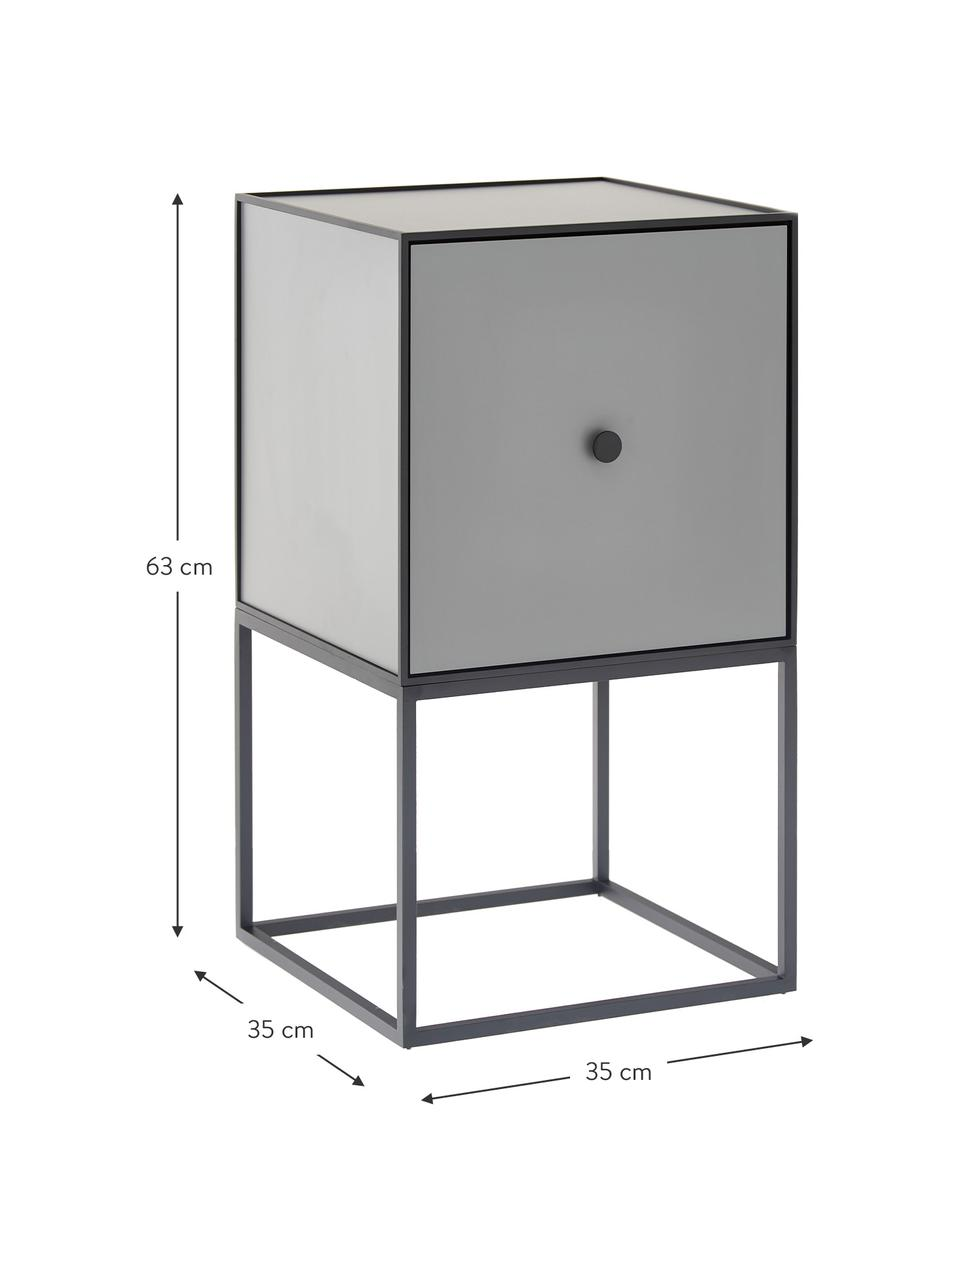 Grauer Design Nachttisch Frame, Korpus: Mitteldichte Holzfaserpla, Gestell und Rahmen: Schwarz Korpus: Dunkelgrau, 35 x 63 cm